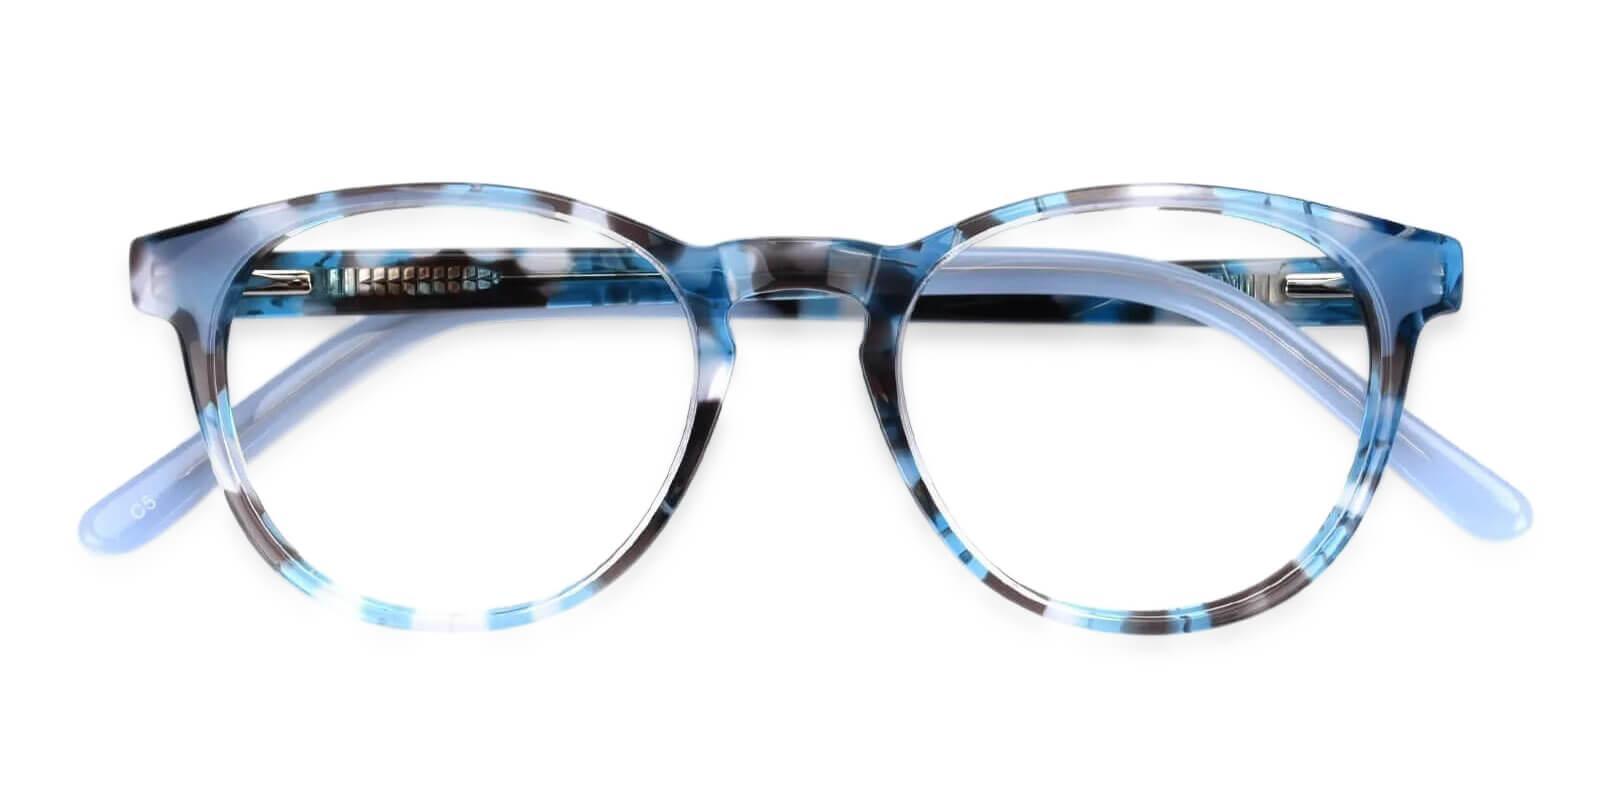 Otava Blue Acetate Eyeglasses , UniversalBridgeFit Frames from ABBE Glasses